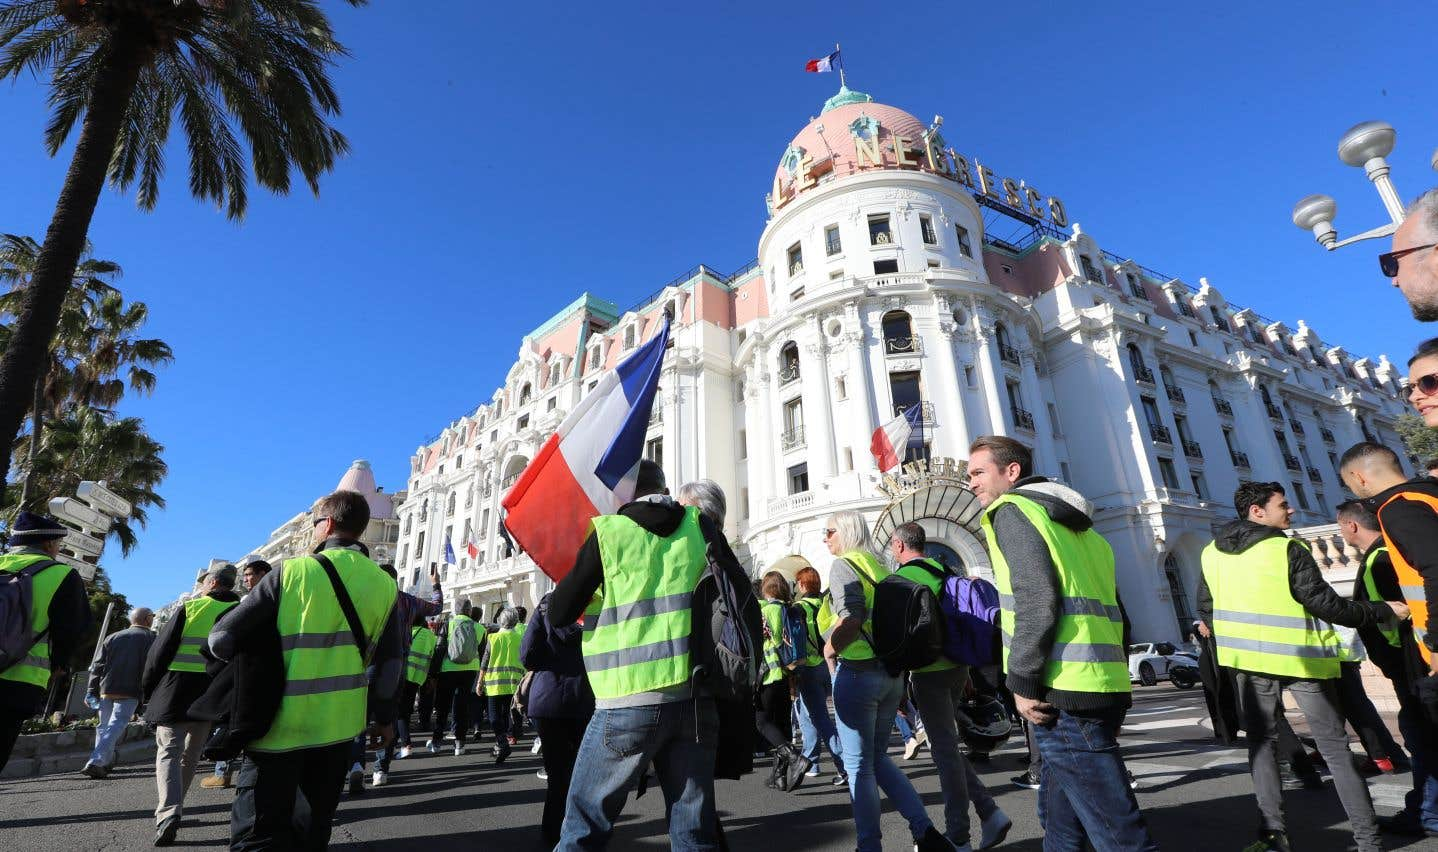 À Nice, les manifestants ont marché devant l'hôtel Negresco, sur la Promenade des Anglais.